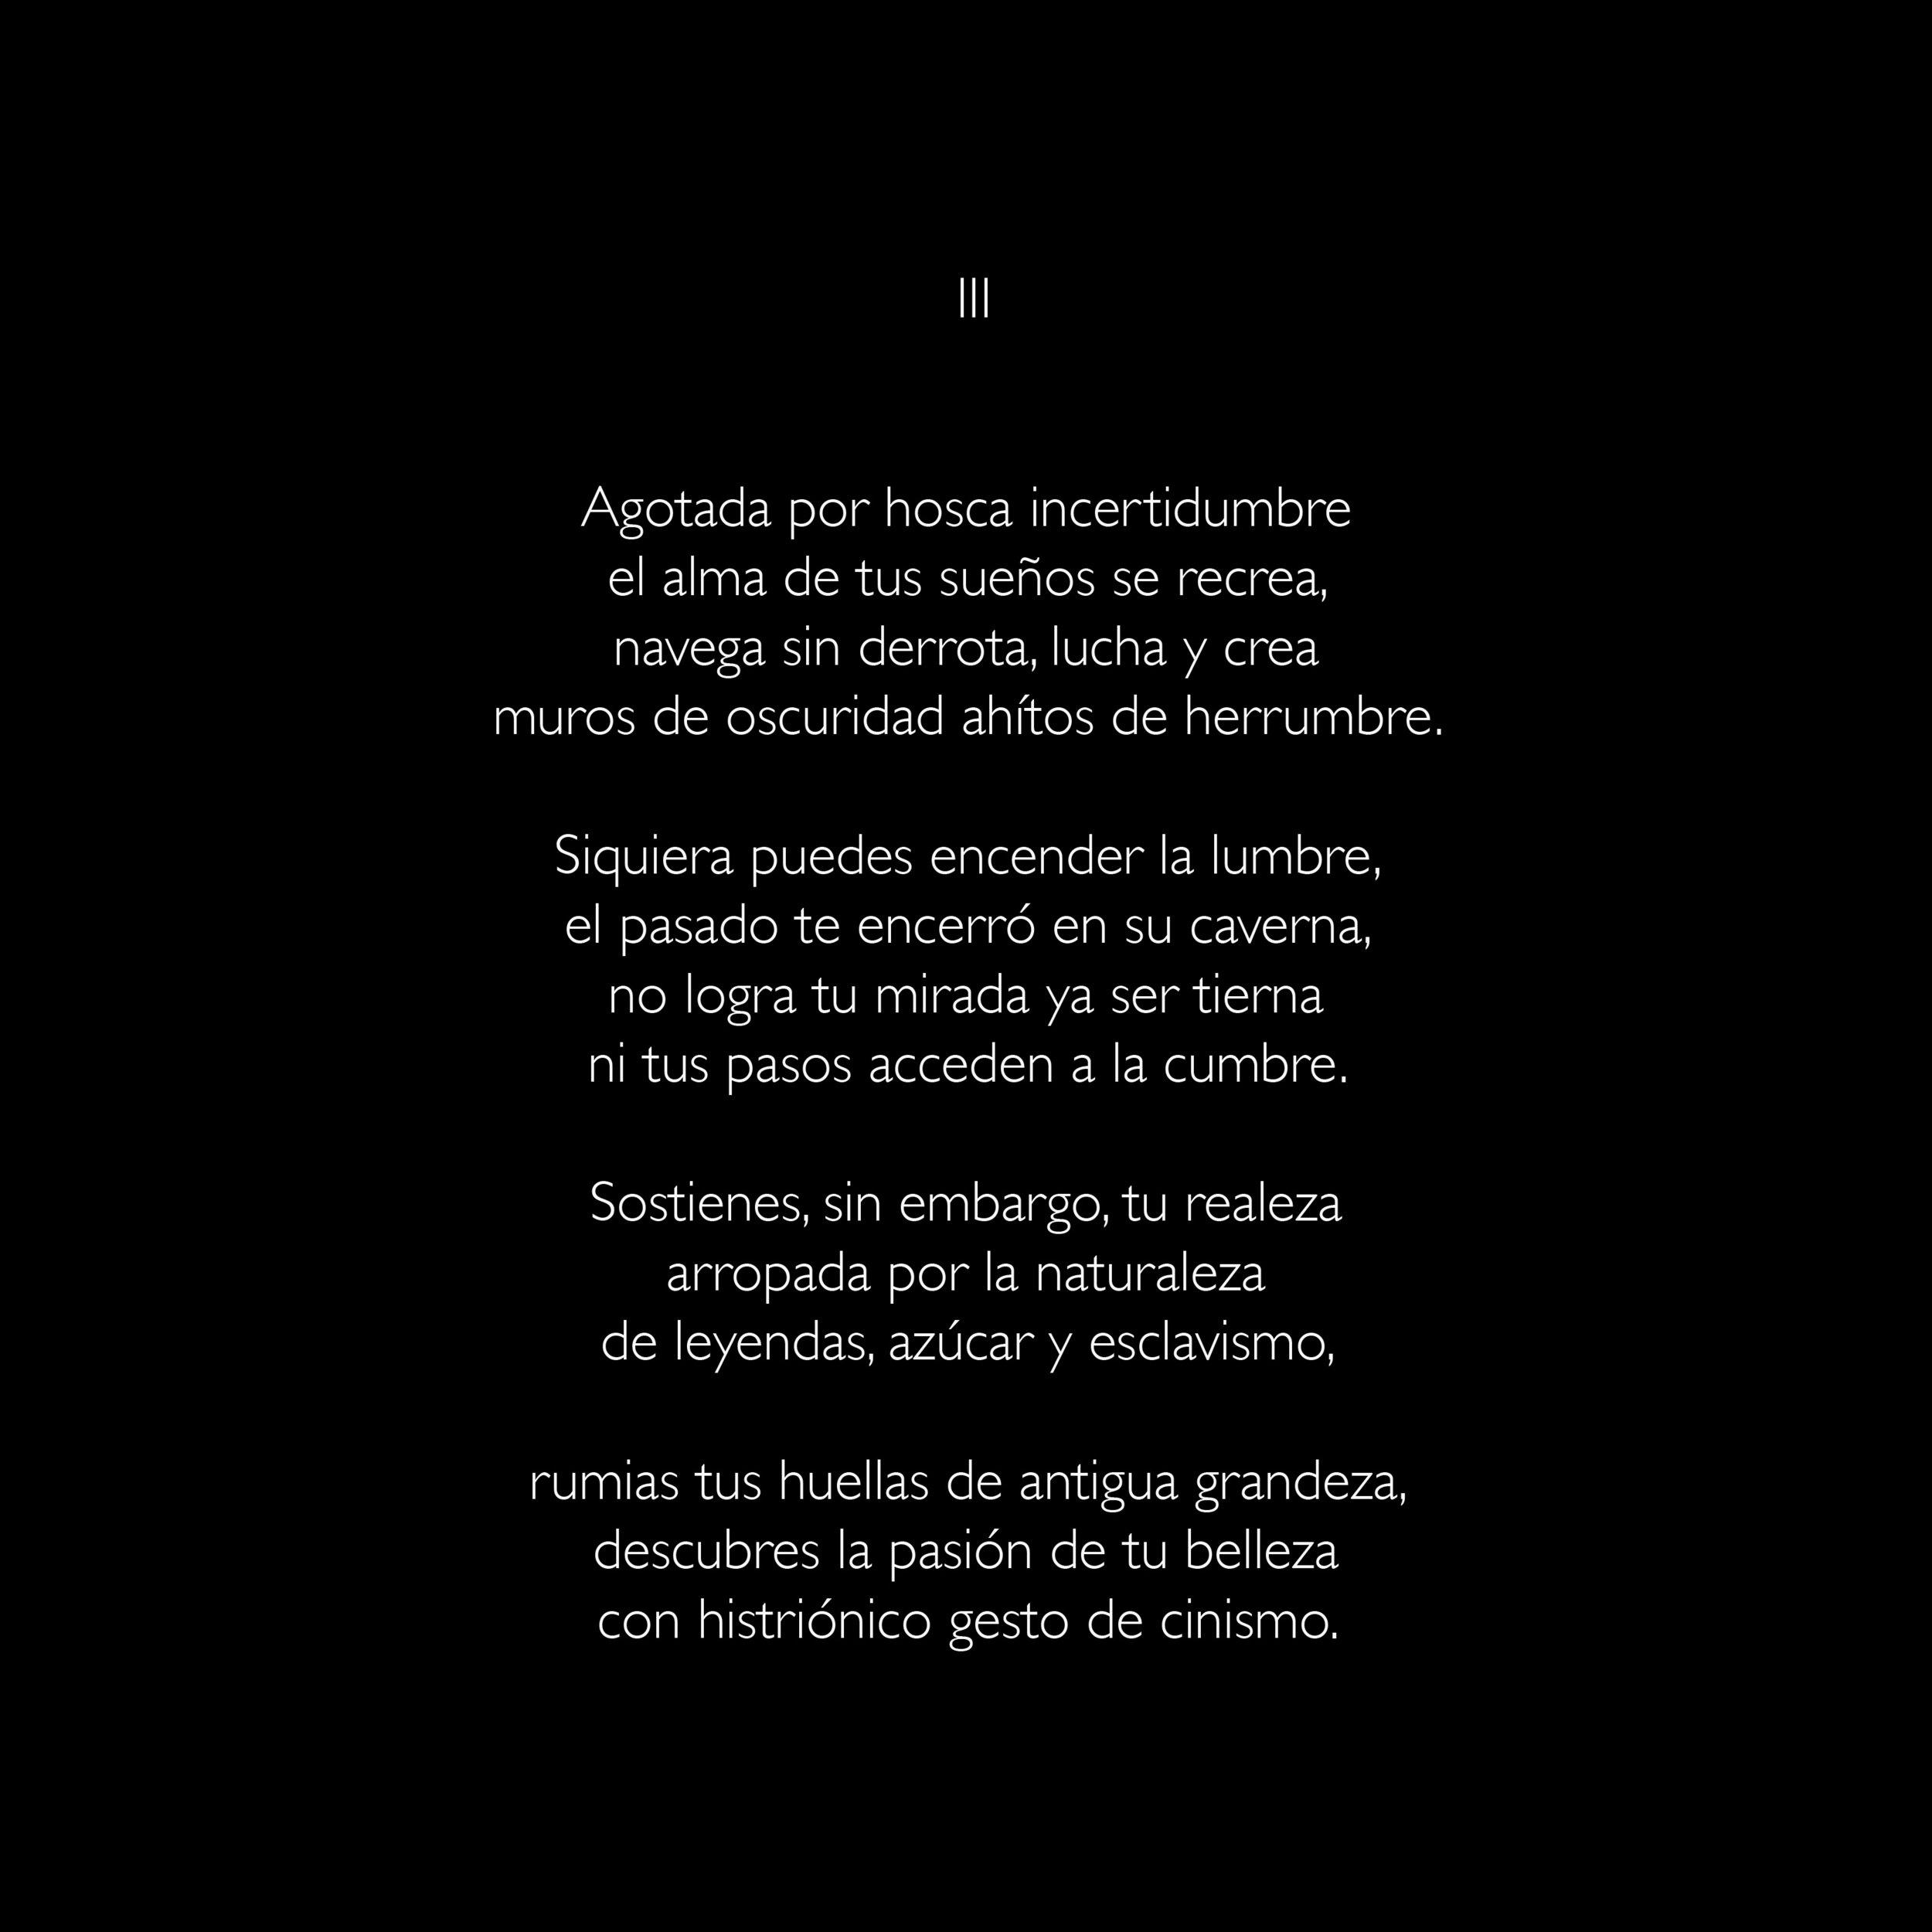 Hors Champ soneto 3.jpg